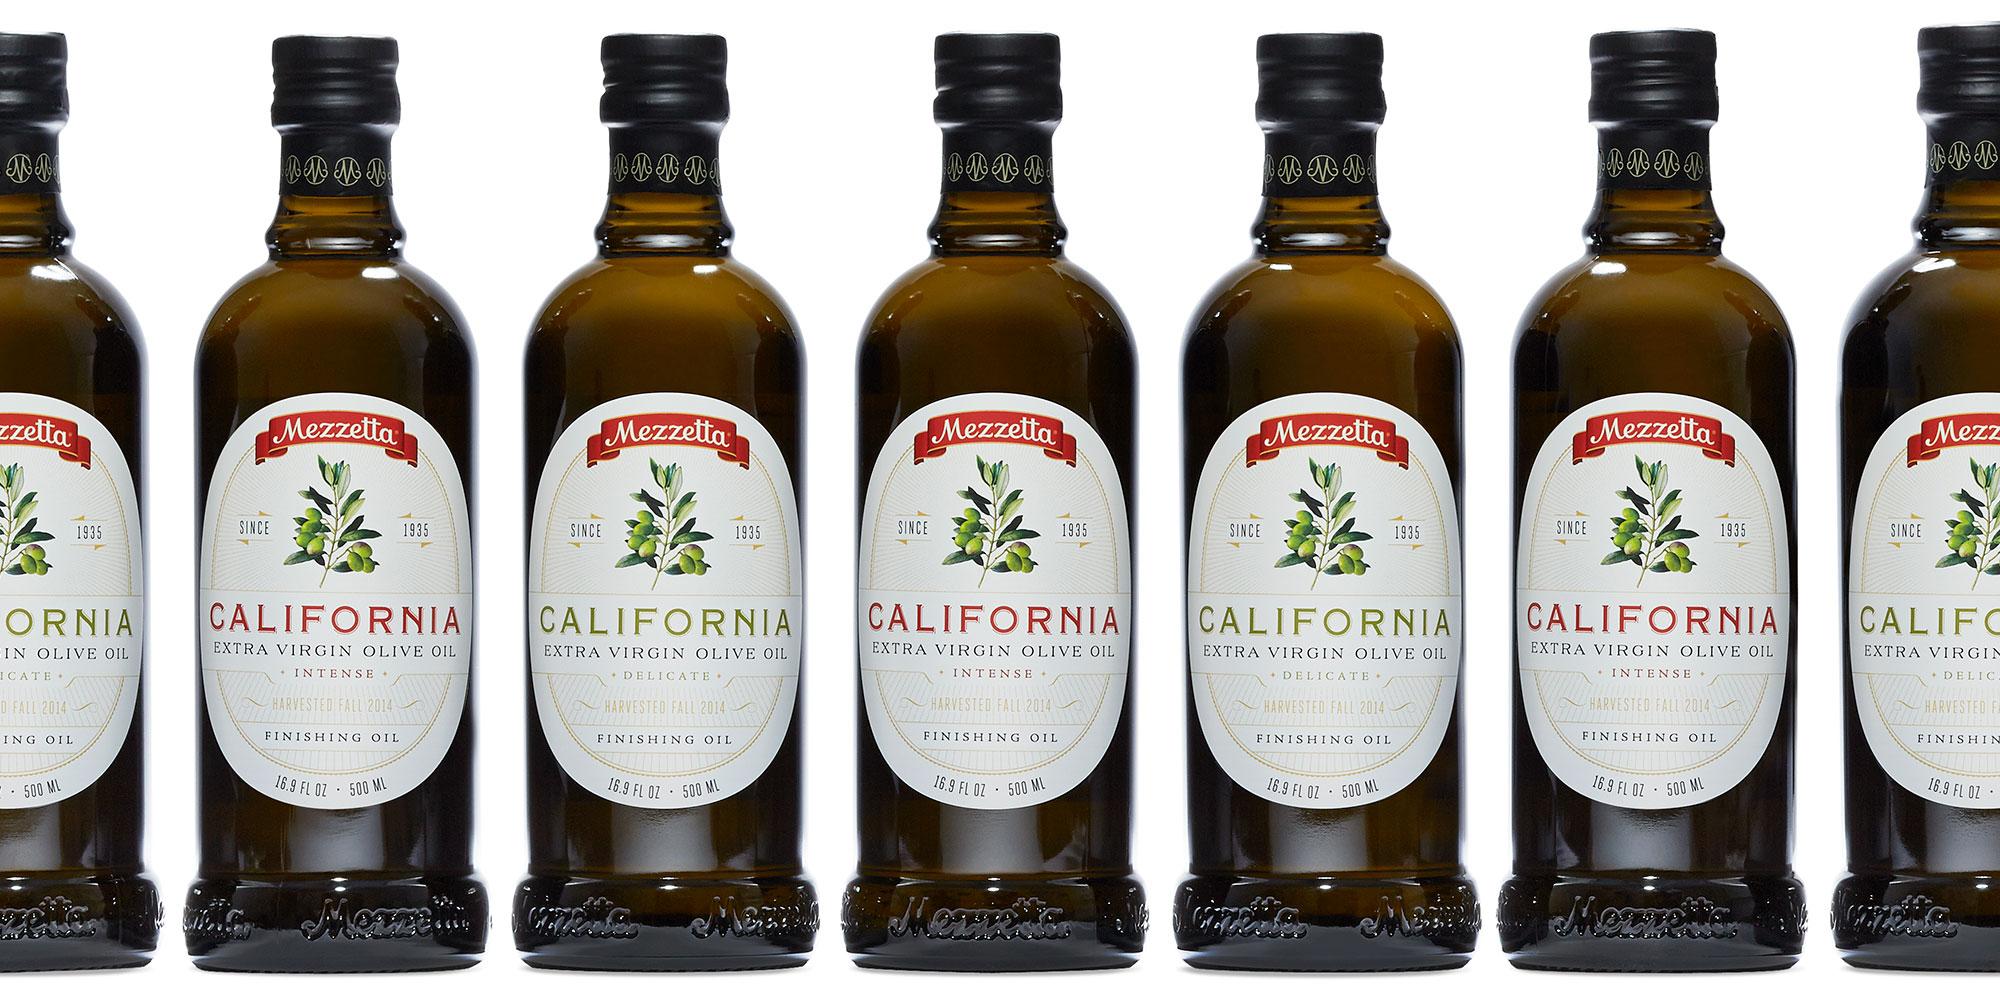 Mezzetta Bottle Lineup